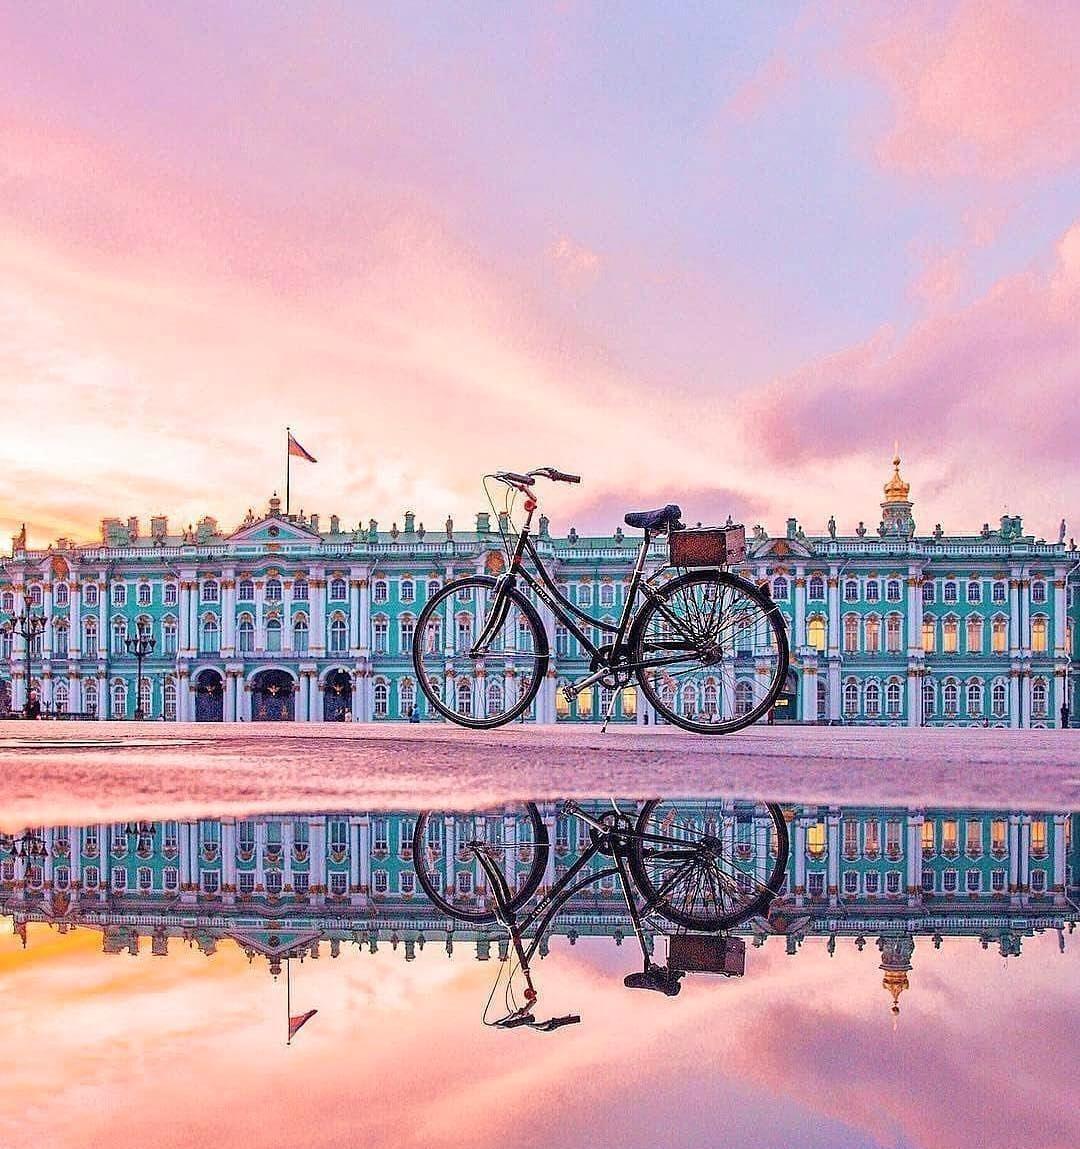 Протяженность велодорожек в Петербурге к 2030 году хотят увеличить в 2 раза